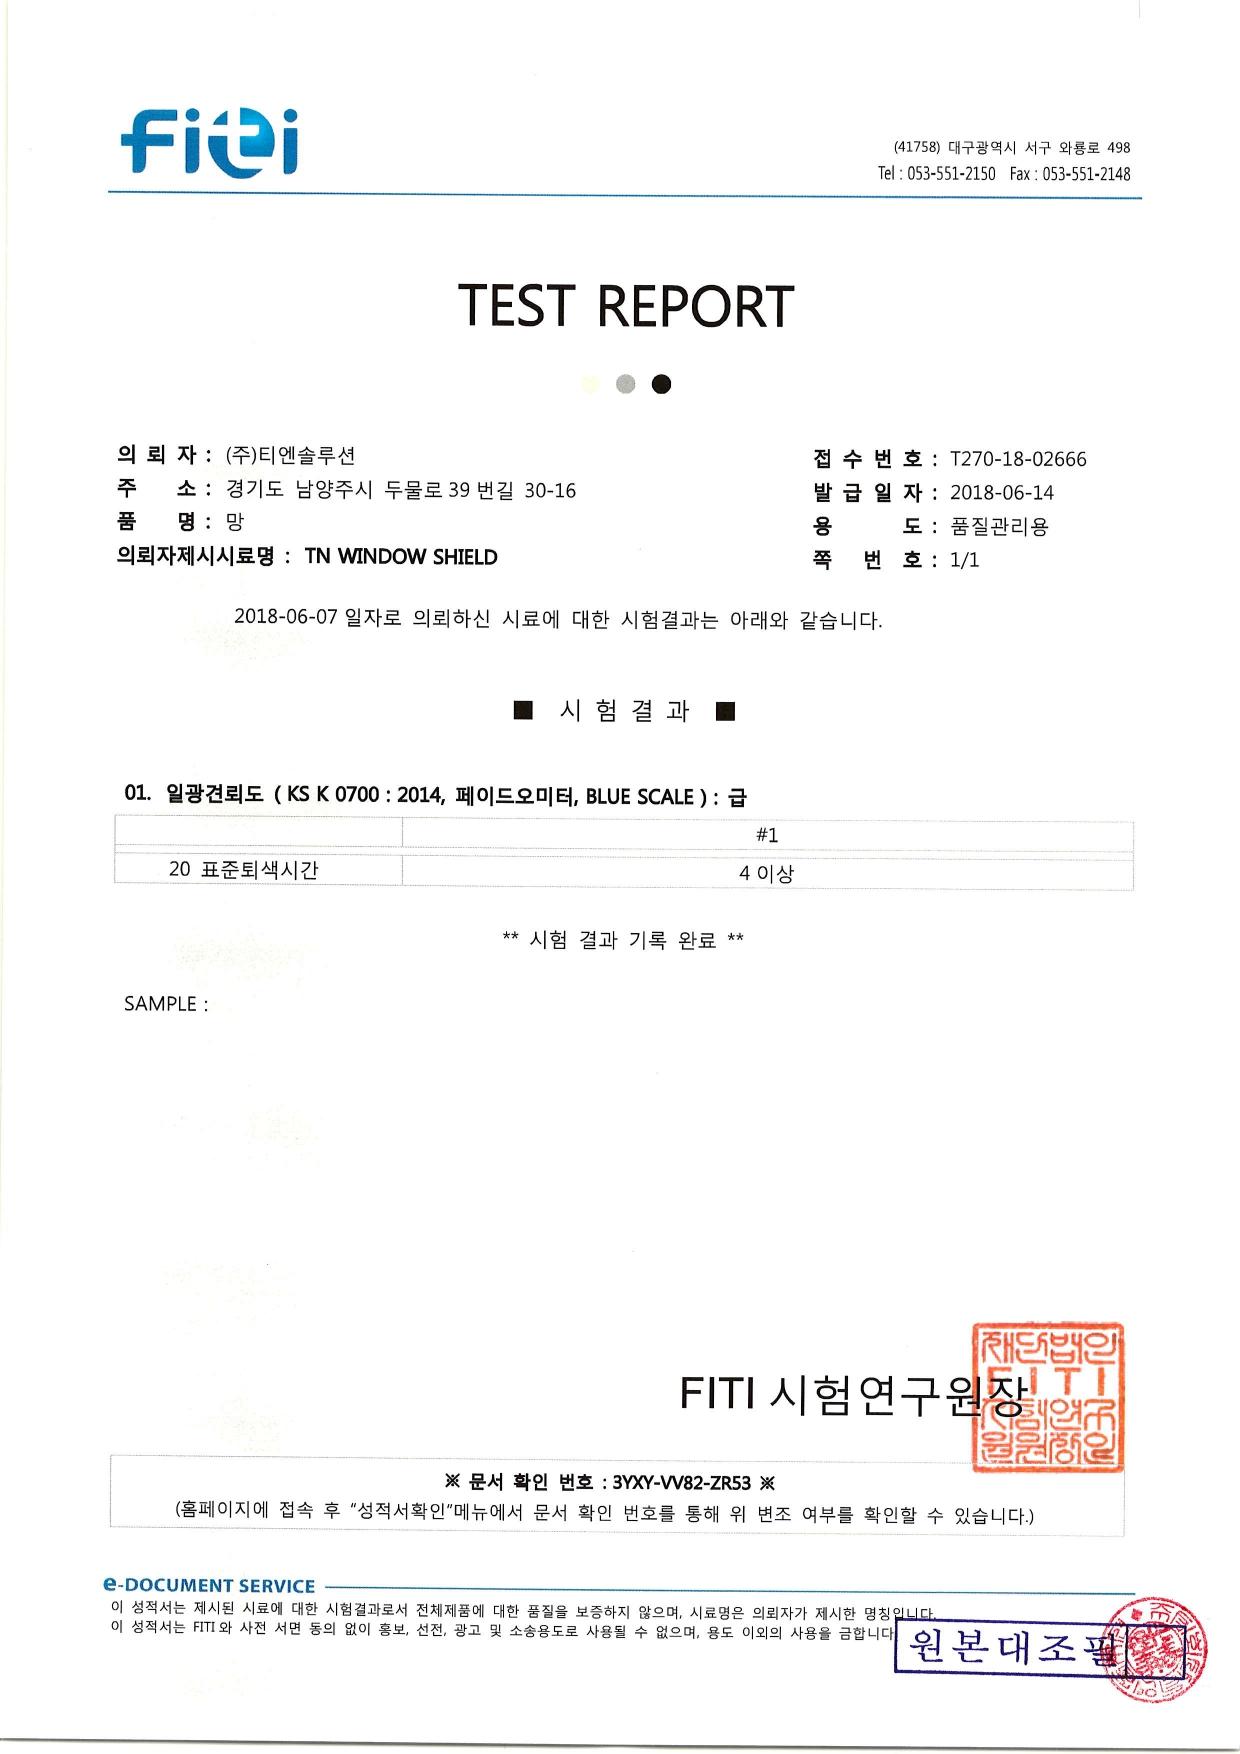 [성적서] 일광견뢰도 (원본대조필)